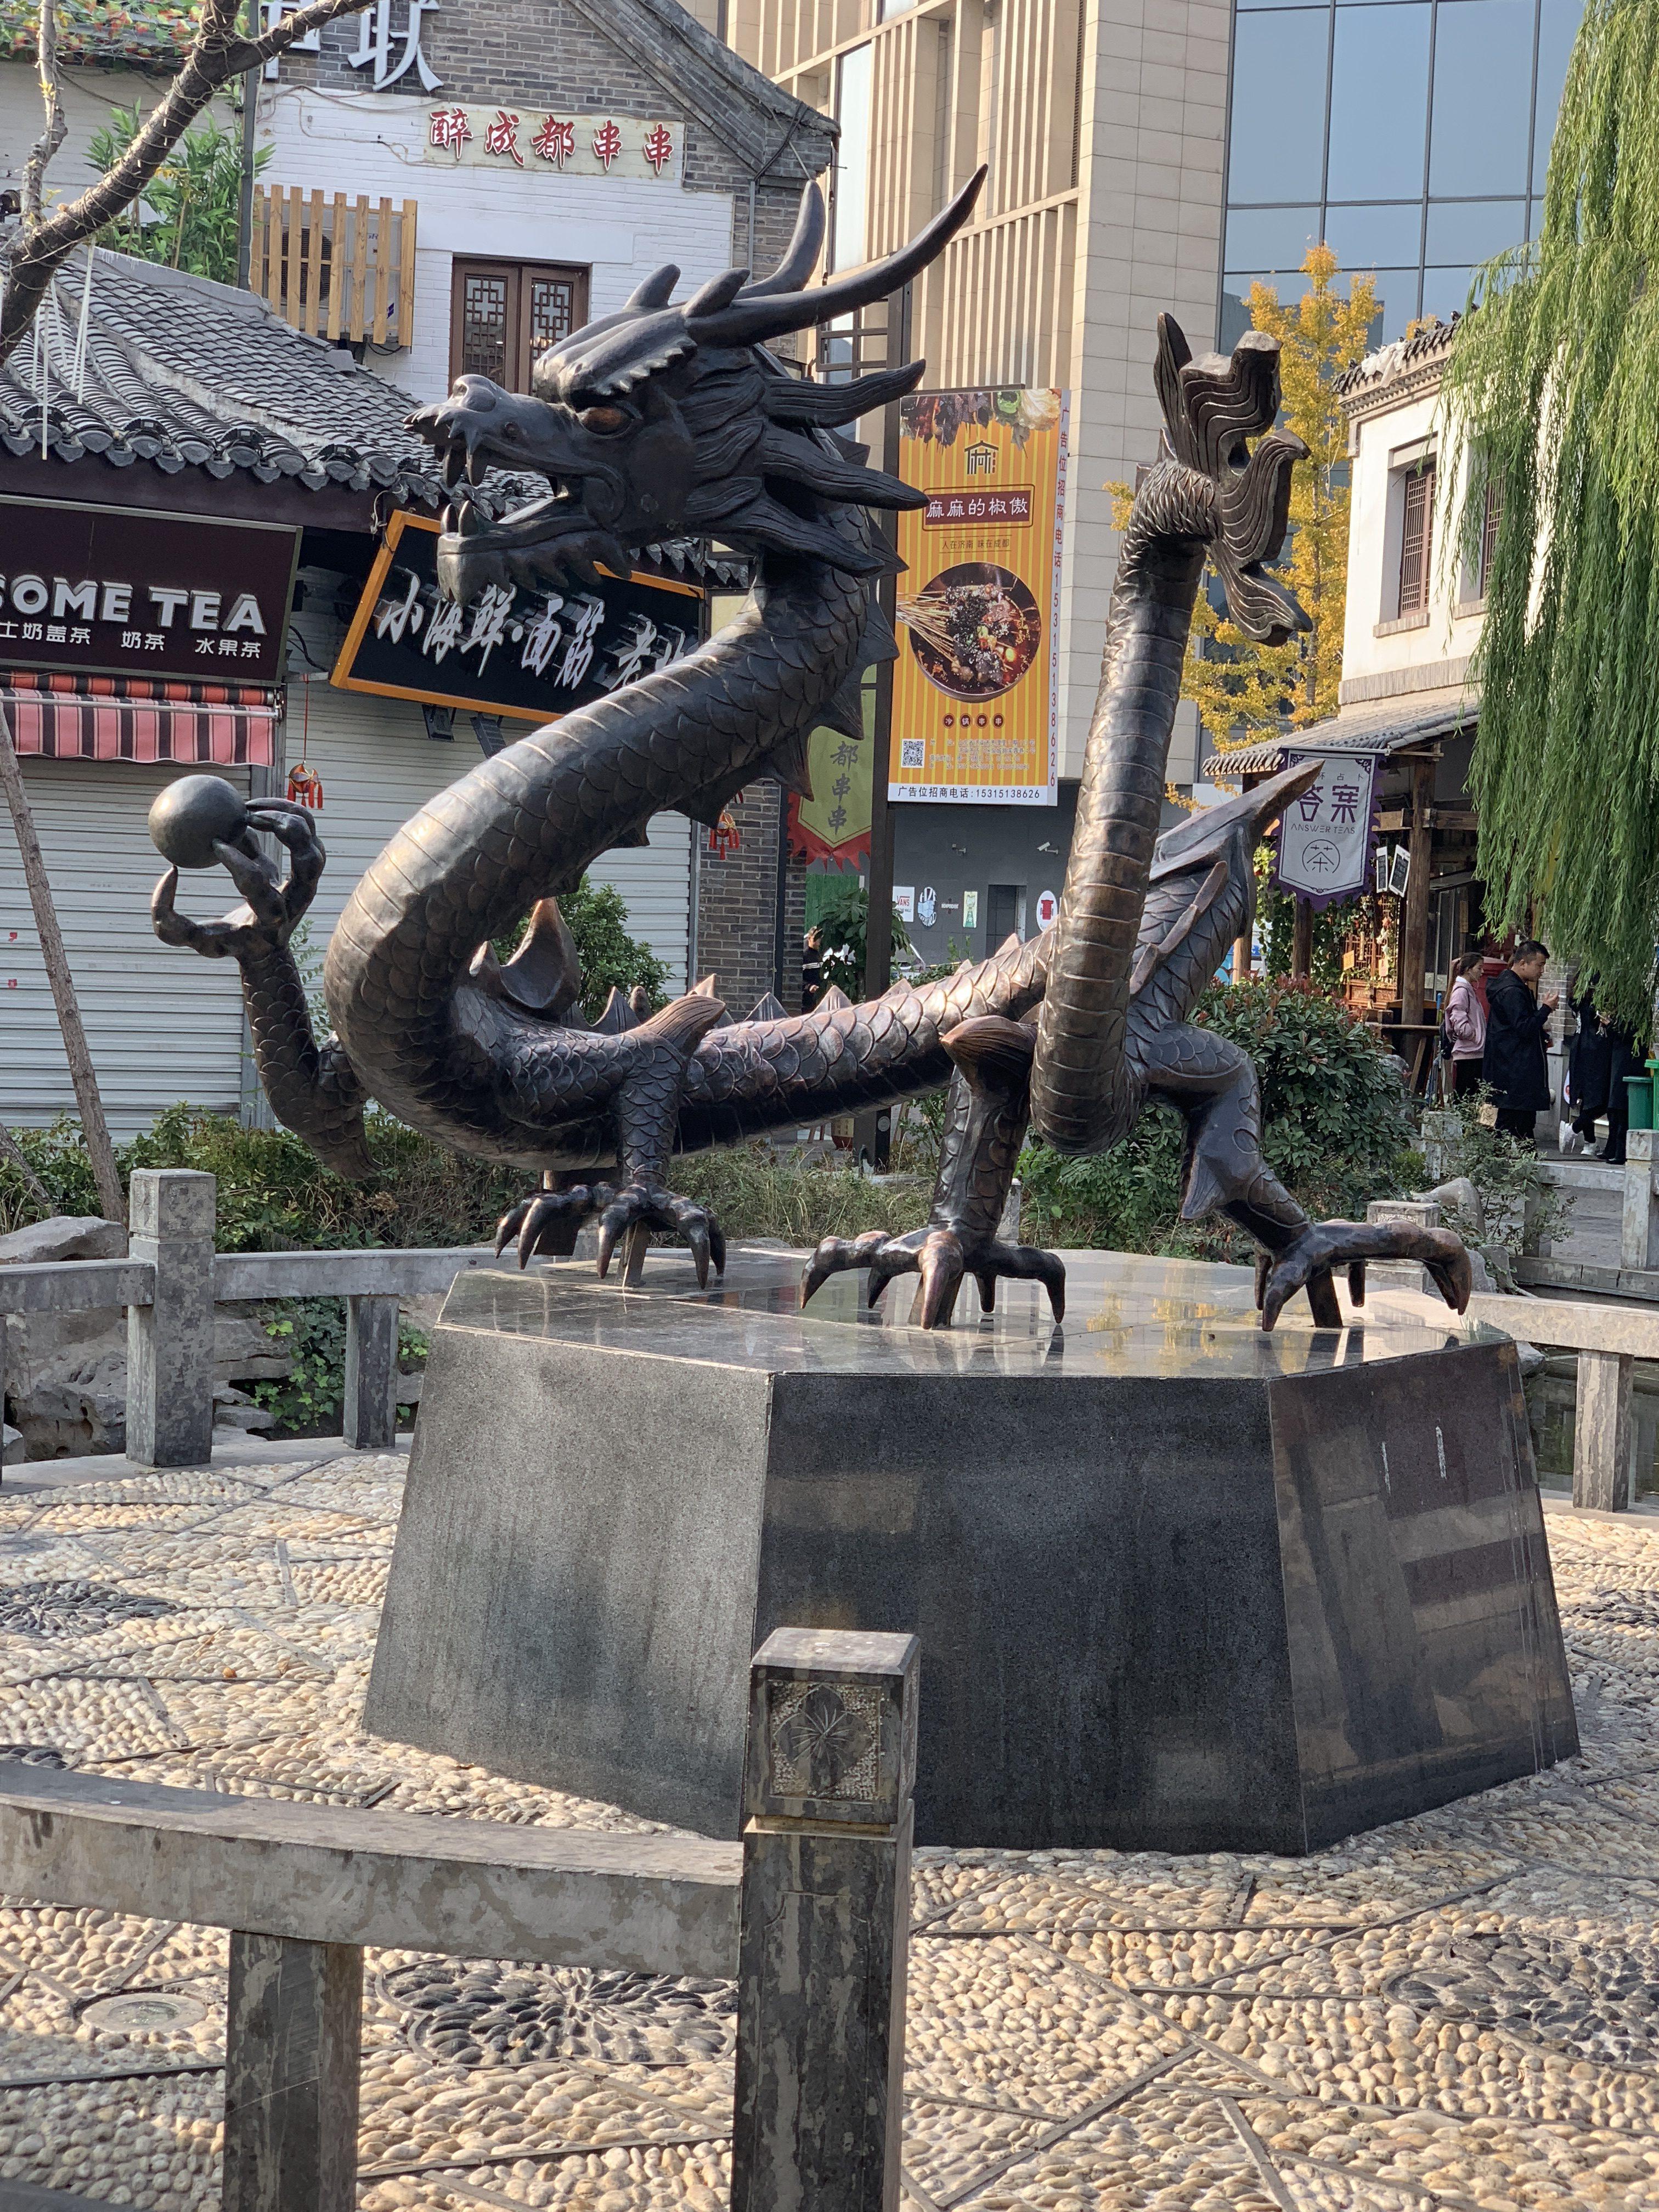 Shandong dragon